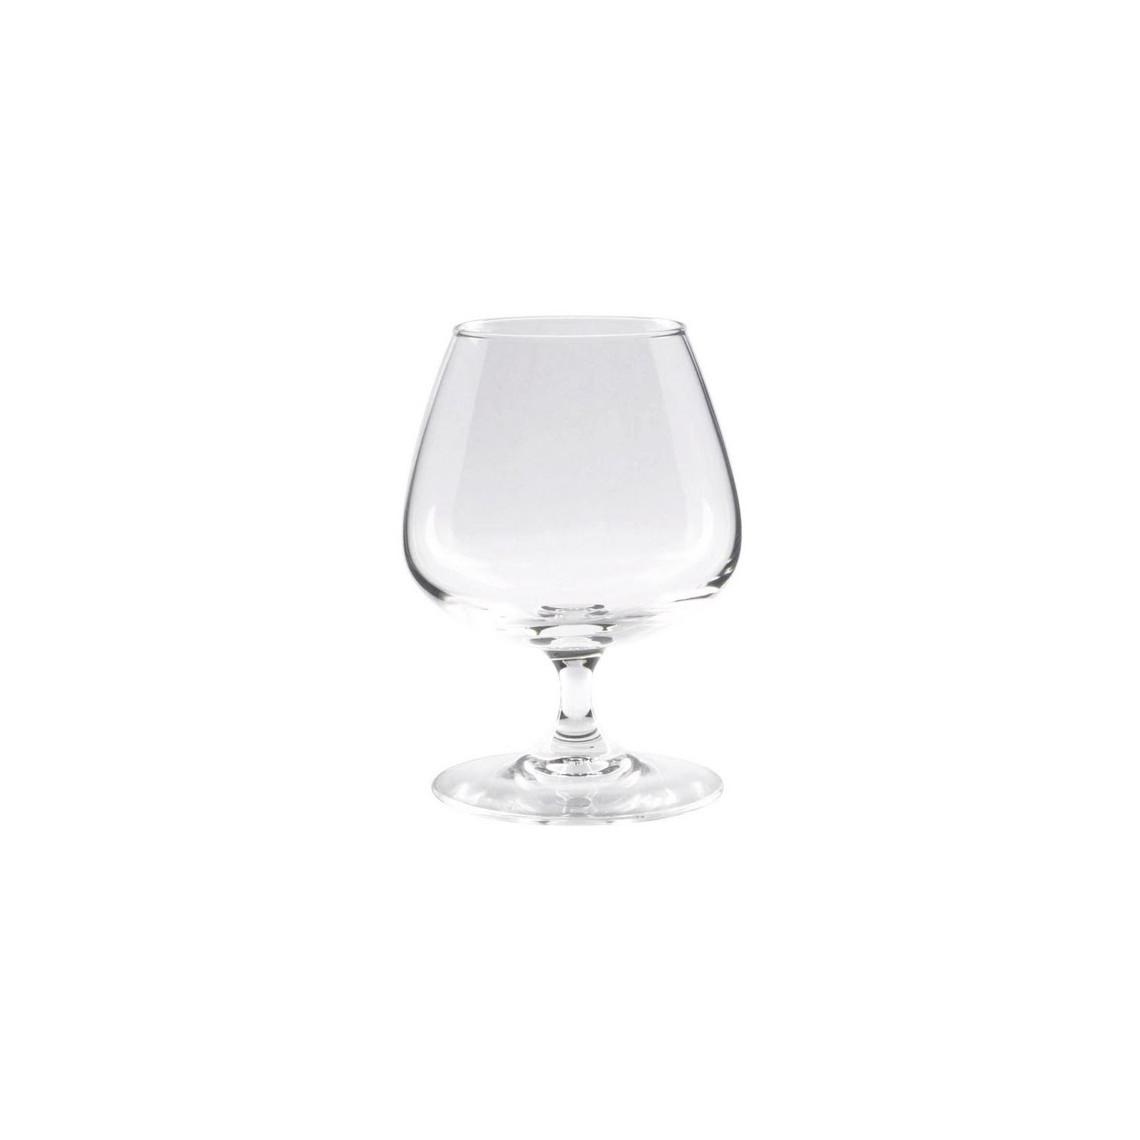 Verre à cognac (41 cl)